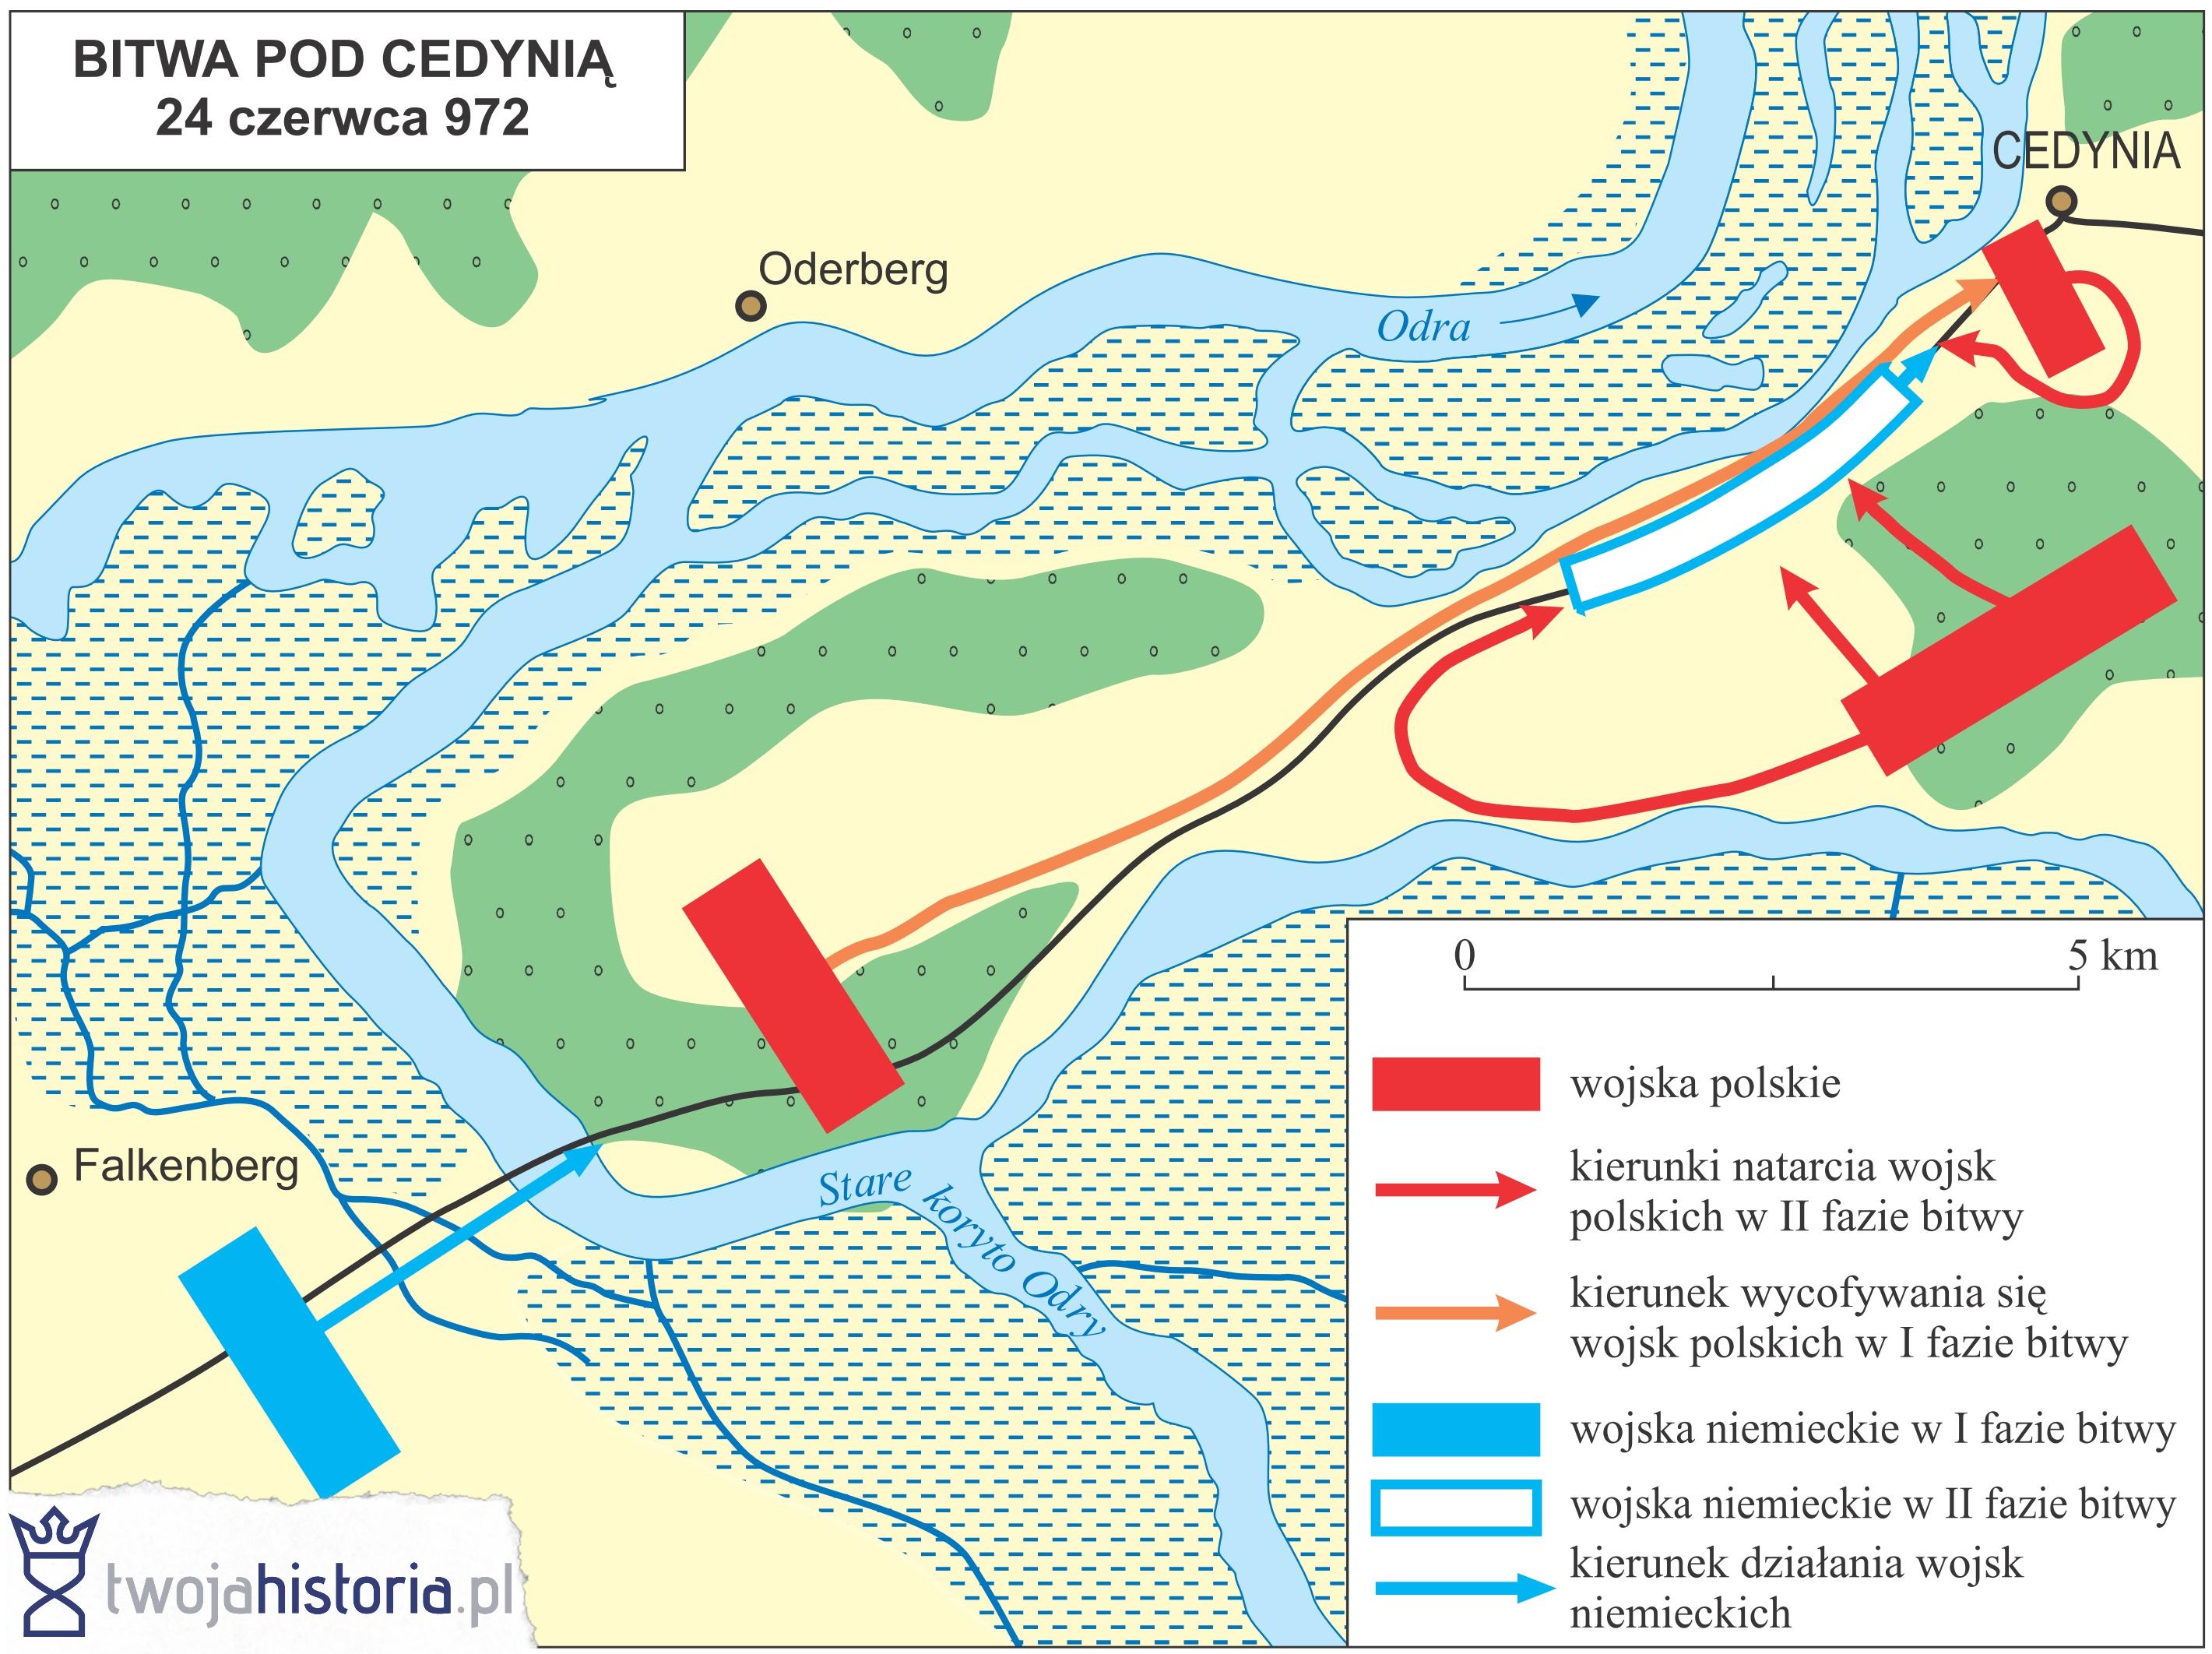 Bitwa pod Cedynią (24 czerwca 972) | TwojaHistoria.pl